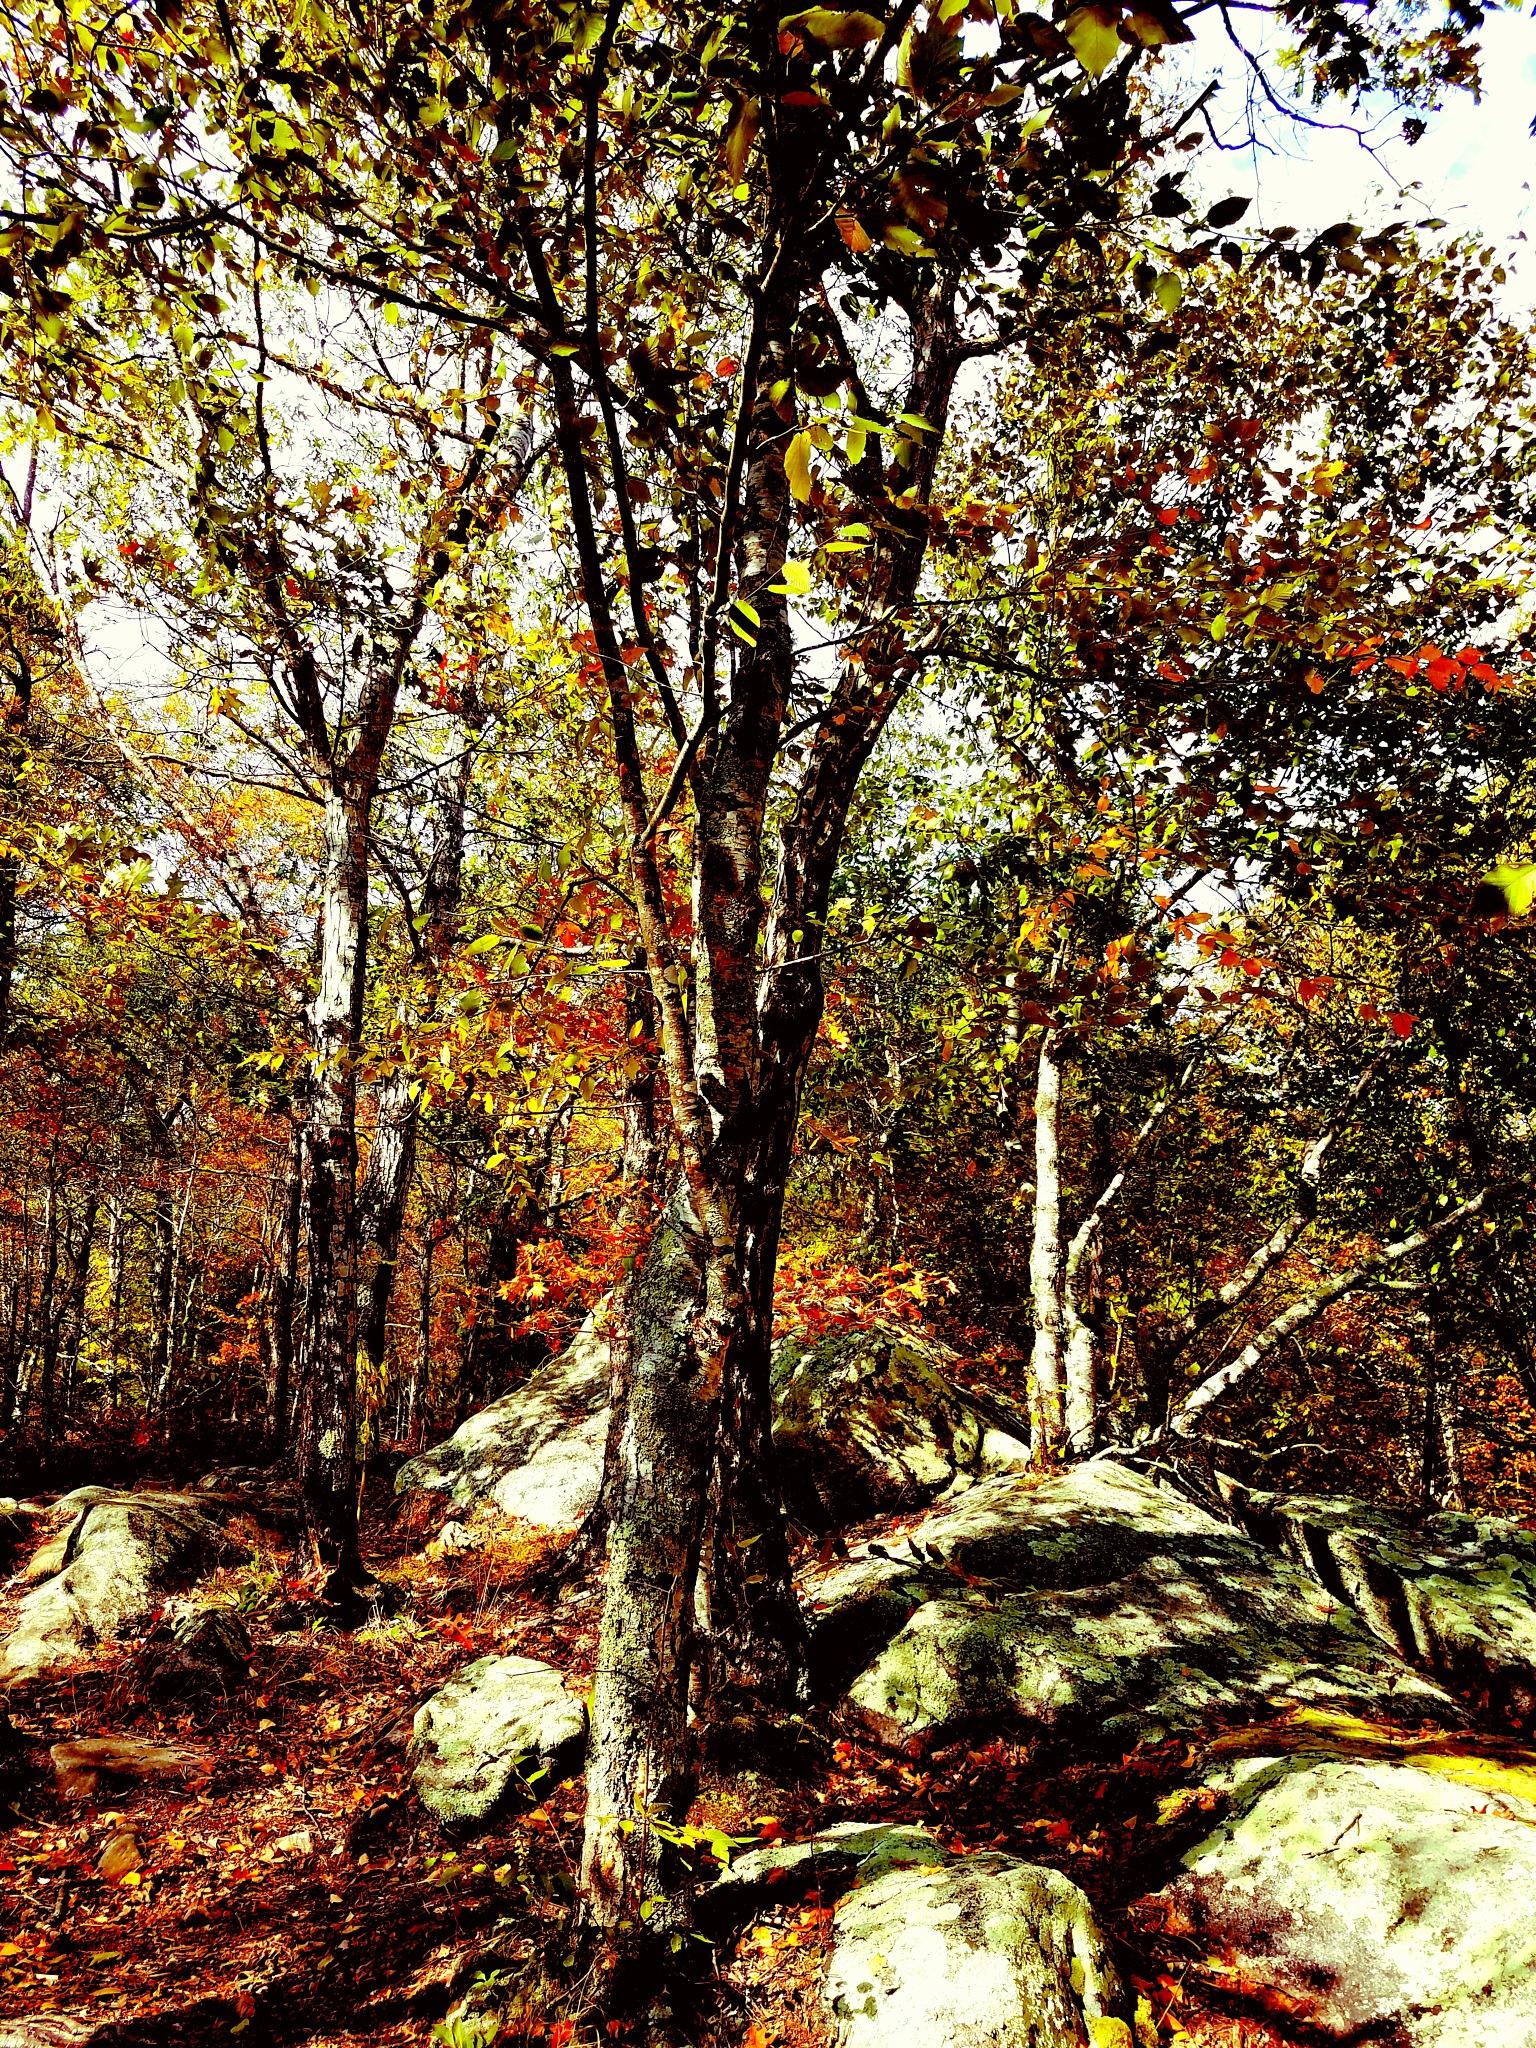 Woods by Rhonda